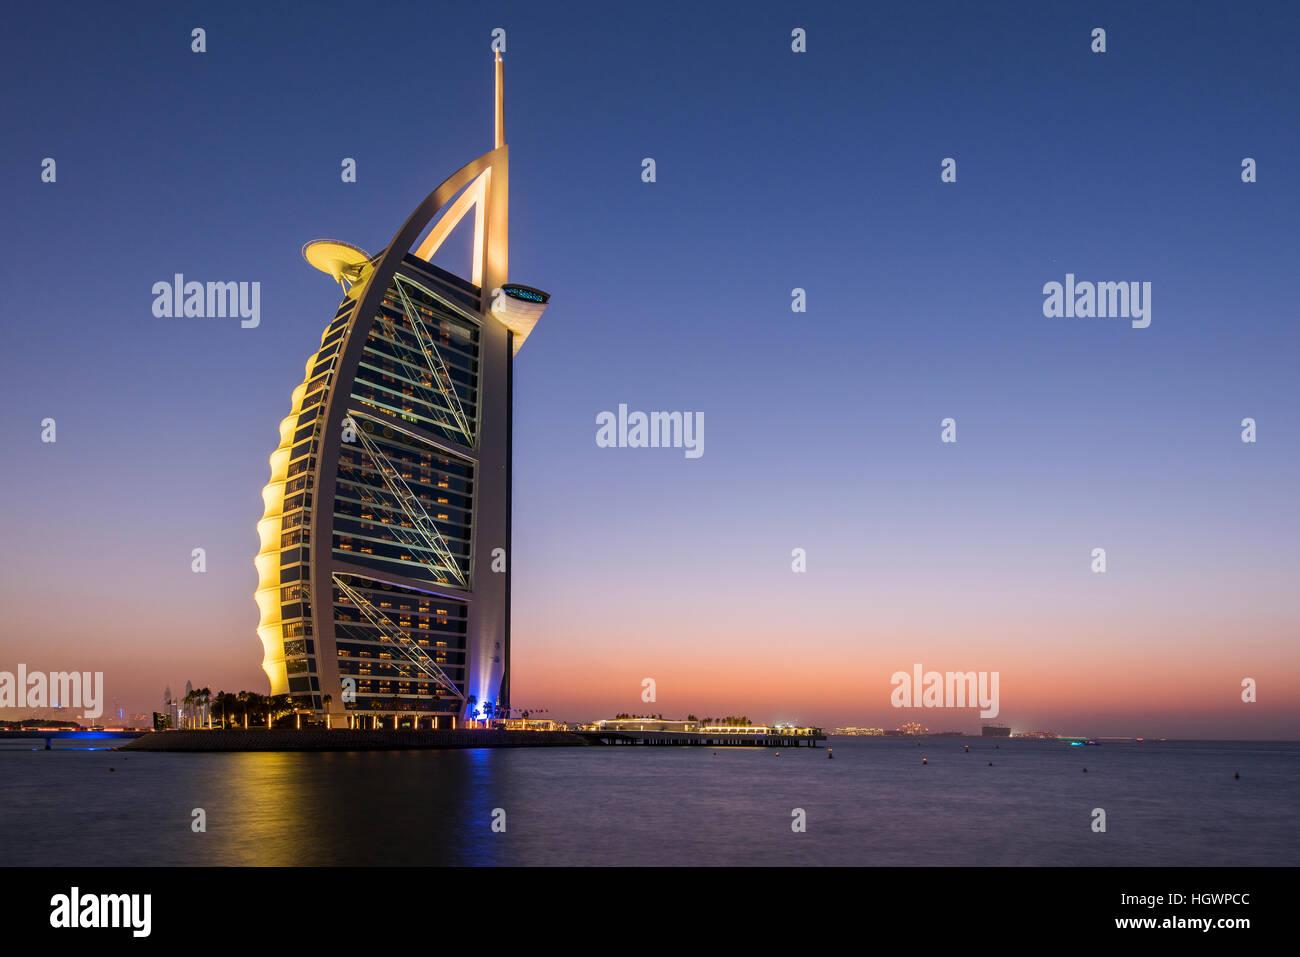 Burj Al Arab Hotel di lusso al crepuscolo, Dubai, Emirati Arabi Uniti Immagini Stock